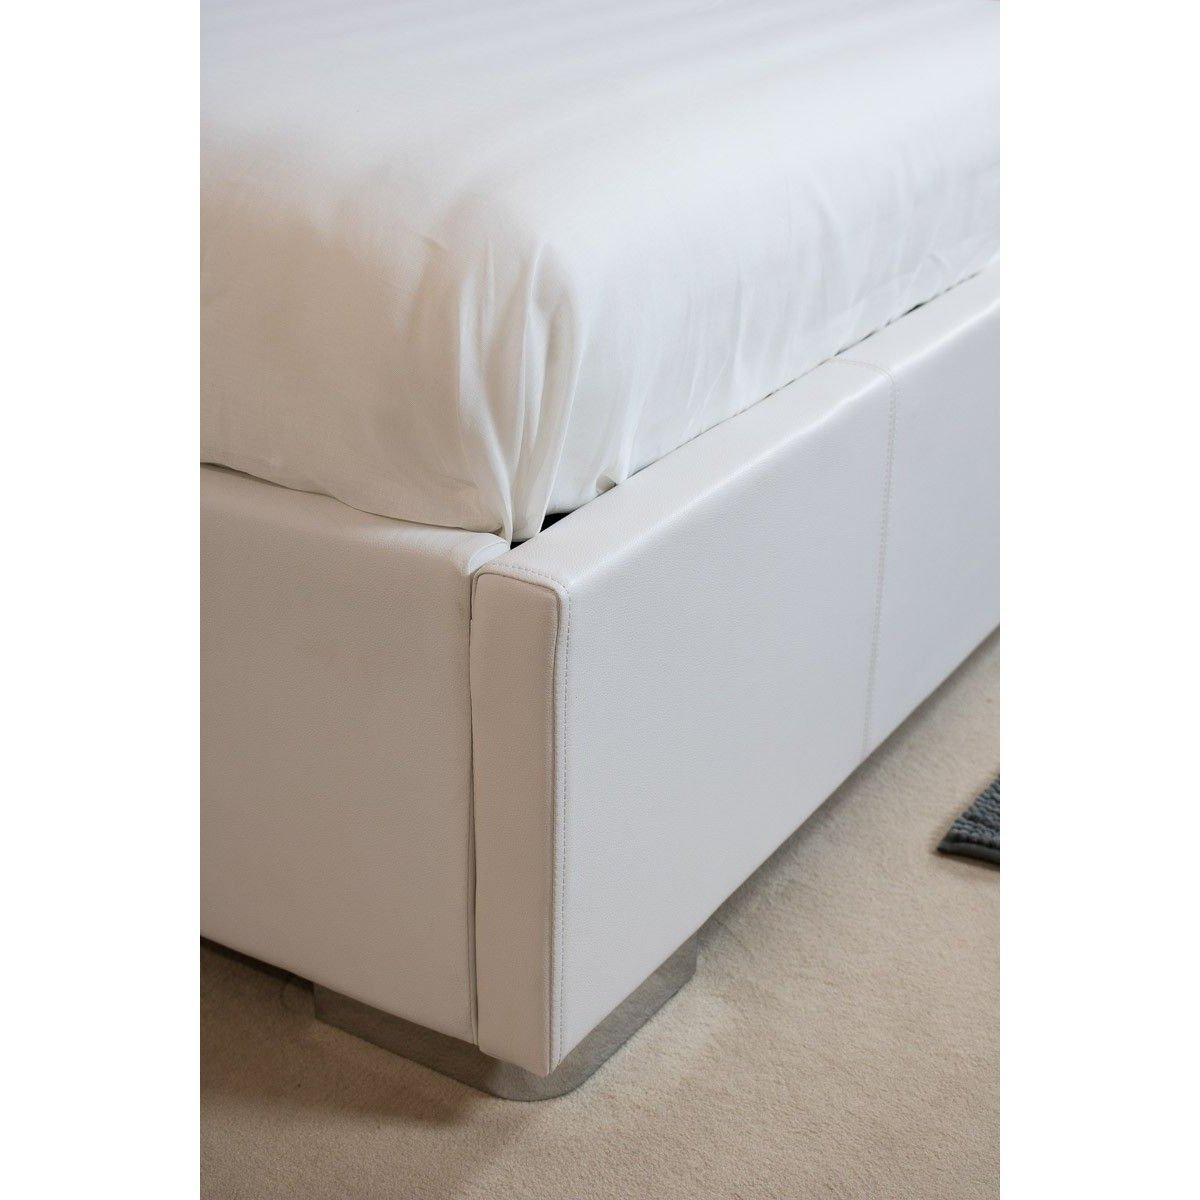 Itamoby Letto matrimoniale Alexa ecopelle bianco con contenitore e rete